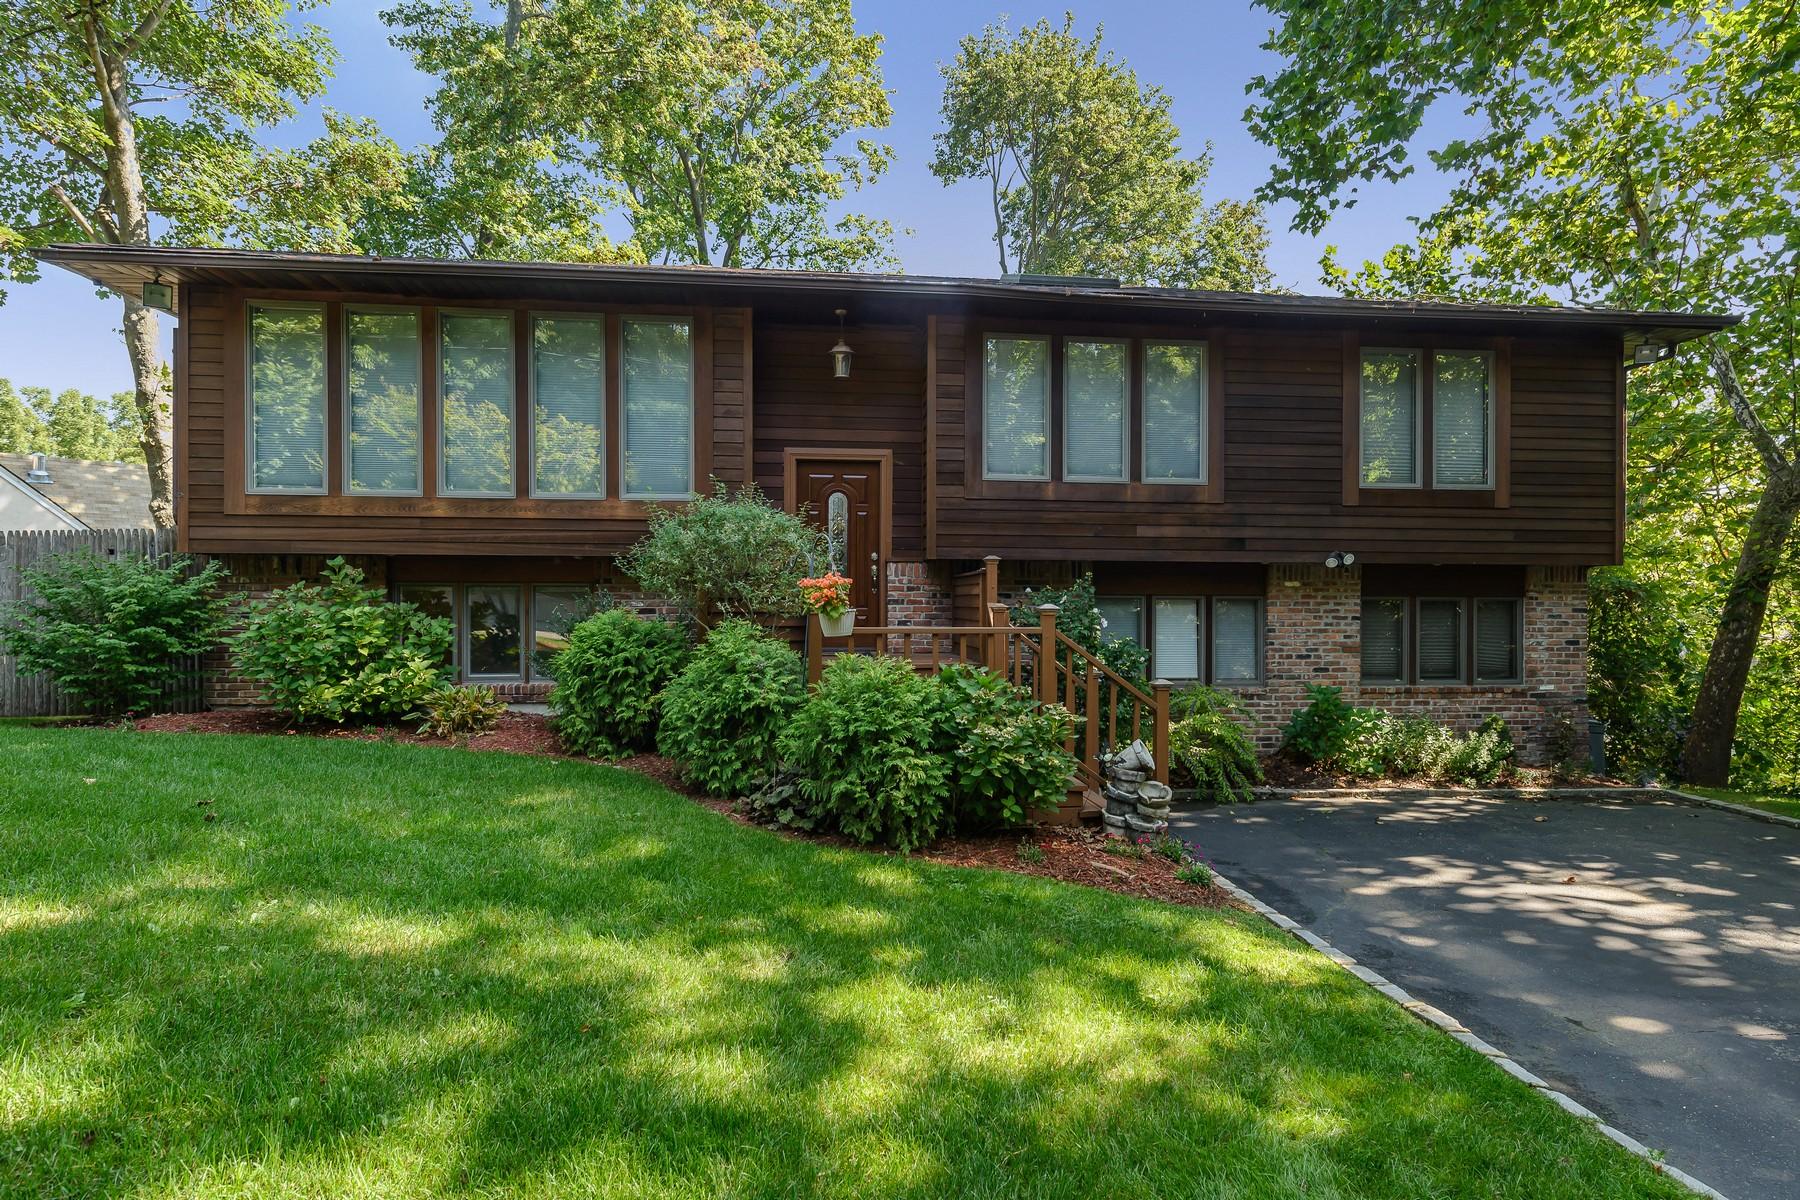 Частный односемейный дом для того Продажа на 23 Underhill Ave , Oyster Bay, NY 11771 Oyster Bay, Нью-Йорк, 11771 Соединенные Штаты